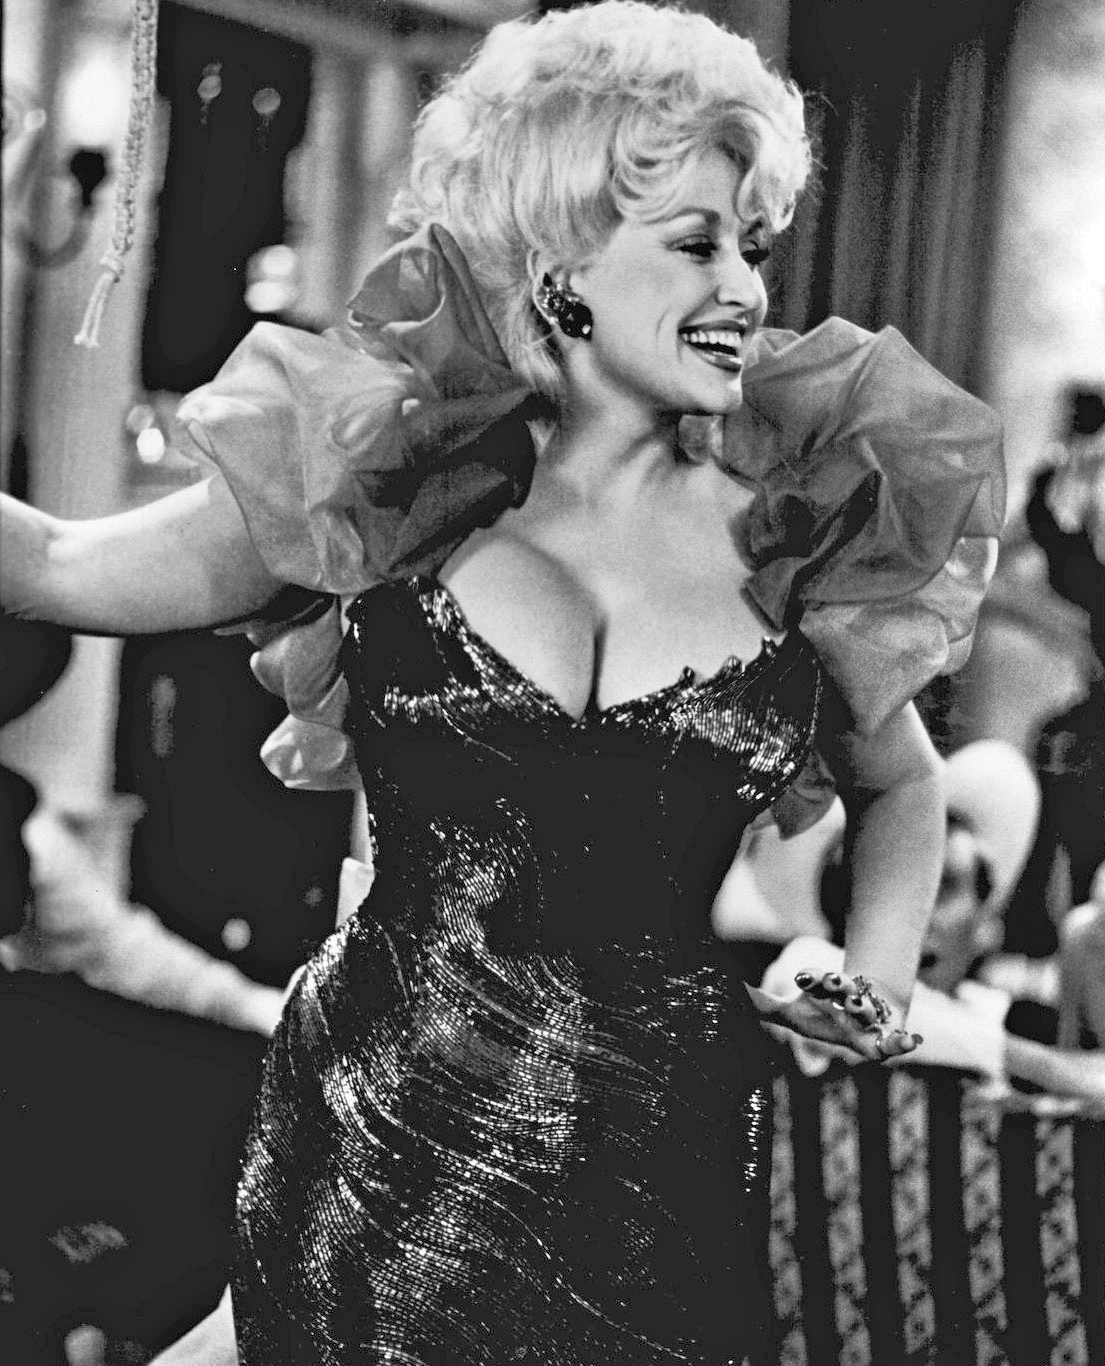 April Wade,Vanessa Hollingshead Porn pics & movies Barbara Hancock born November 21, 1949 (age 68),Samantha Boscarino